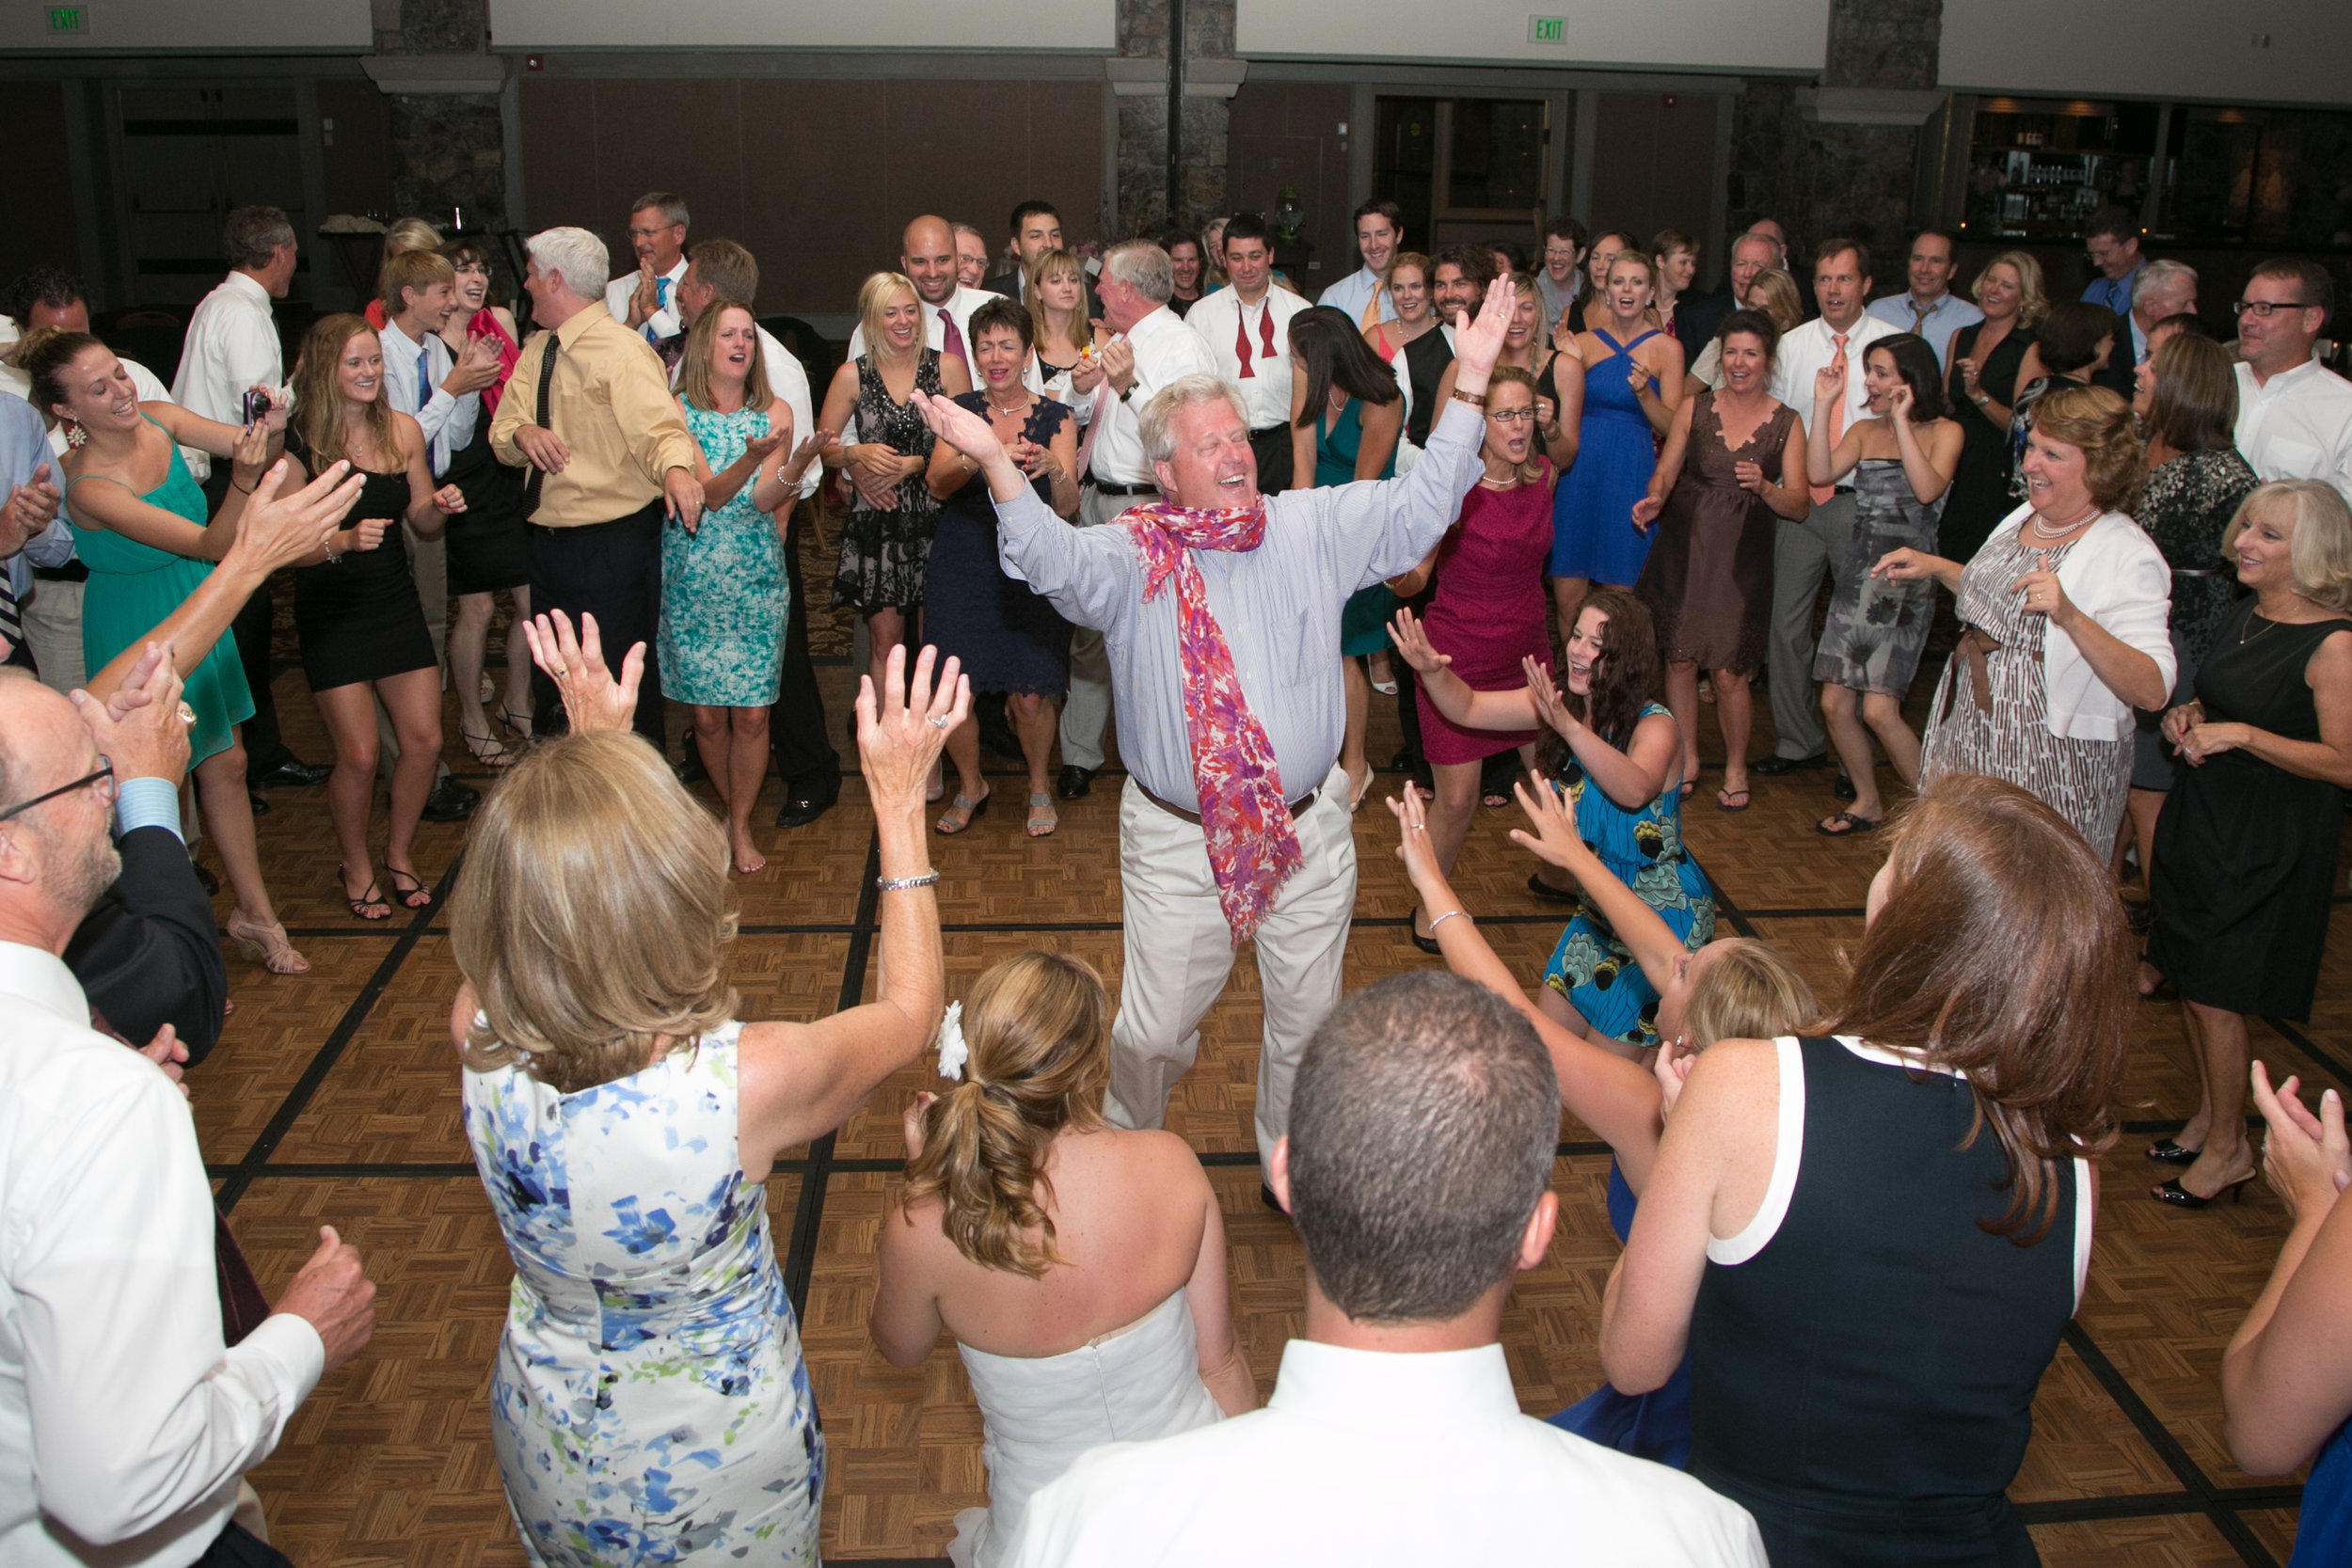 The-Park-Hyatt-Beaver-creek-weddings-axelphoto.jpg